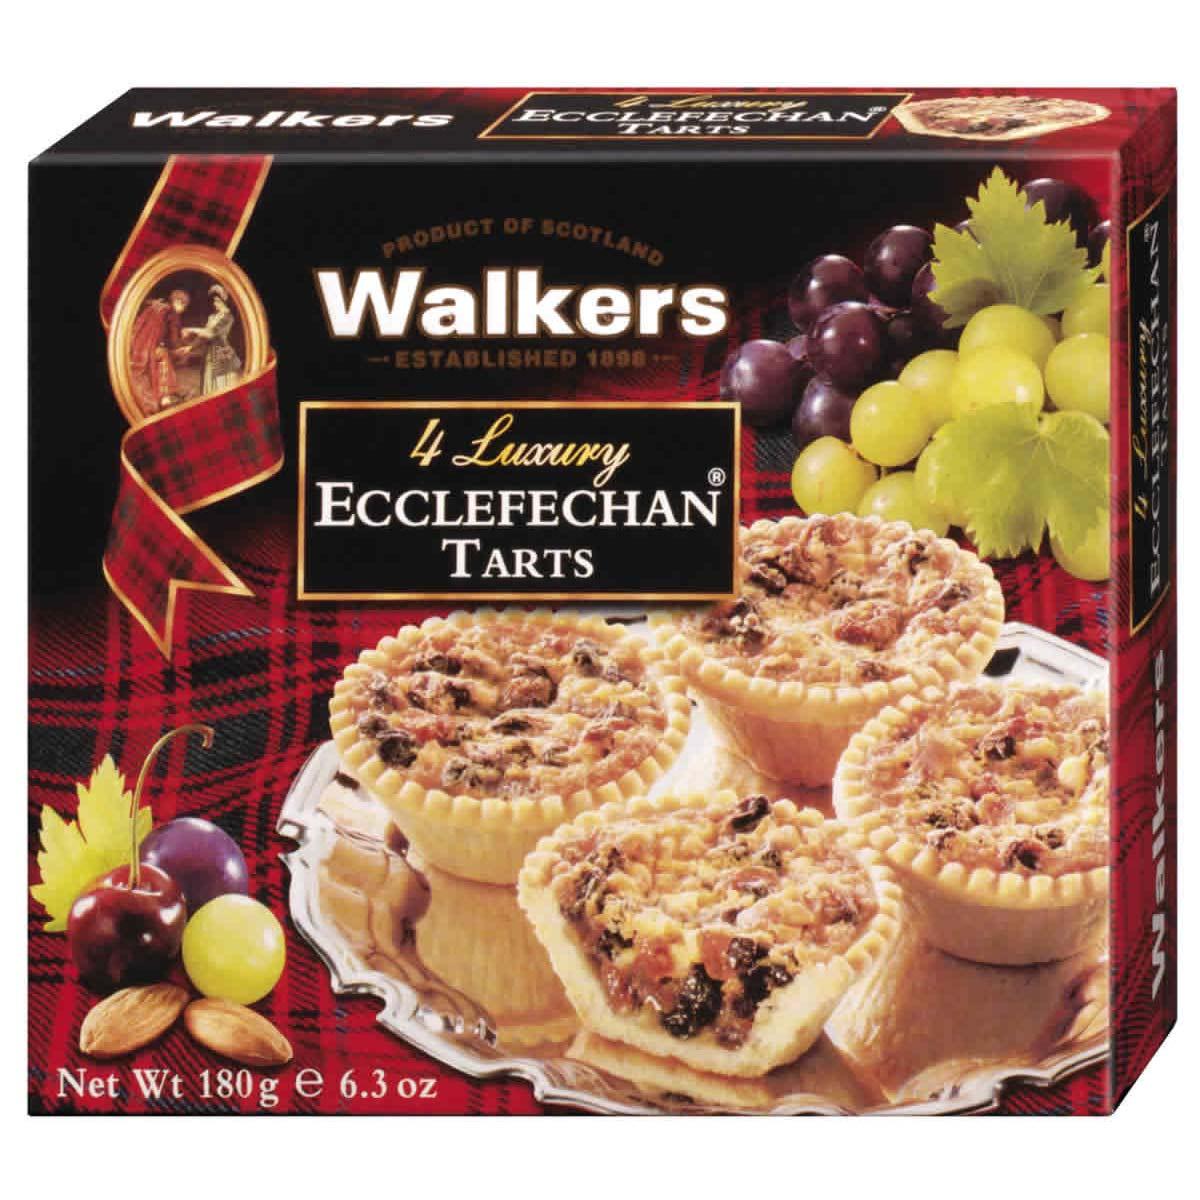 Top Food Feinkost - Walkers Shortbread Ltd. Luxury Ecclefechan Tarts 180g  Fantastische Törtchen mit einer leckeren Füllung aus saftigen Weinbeeren und Mandeln